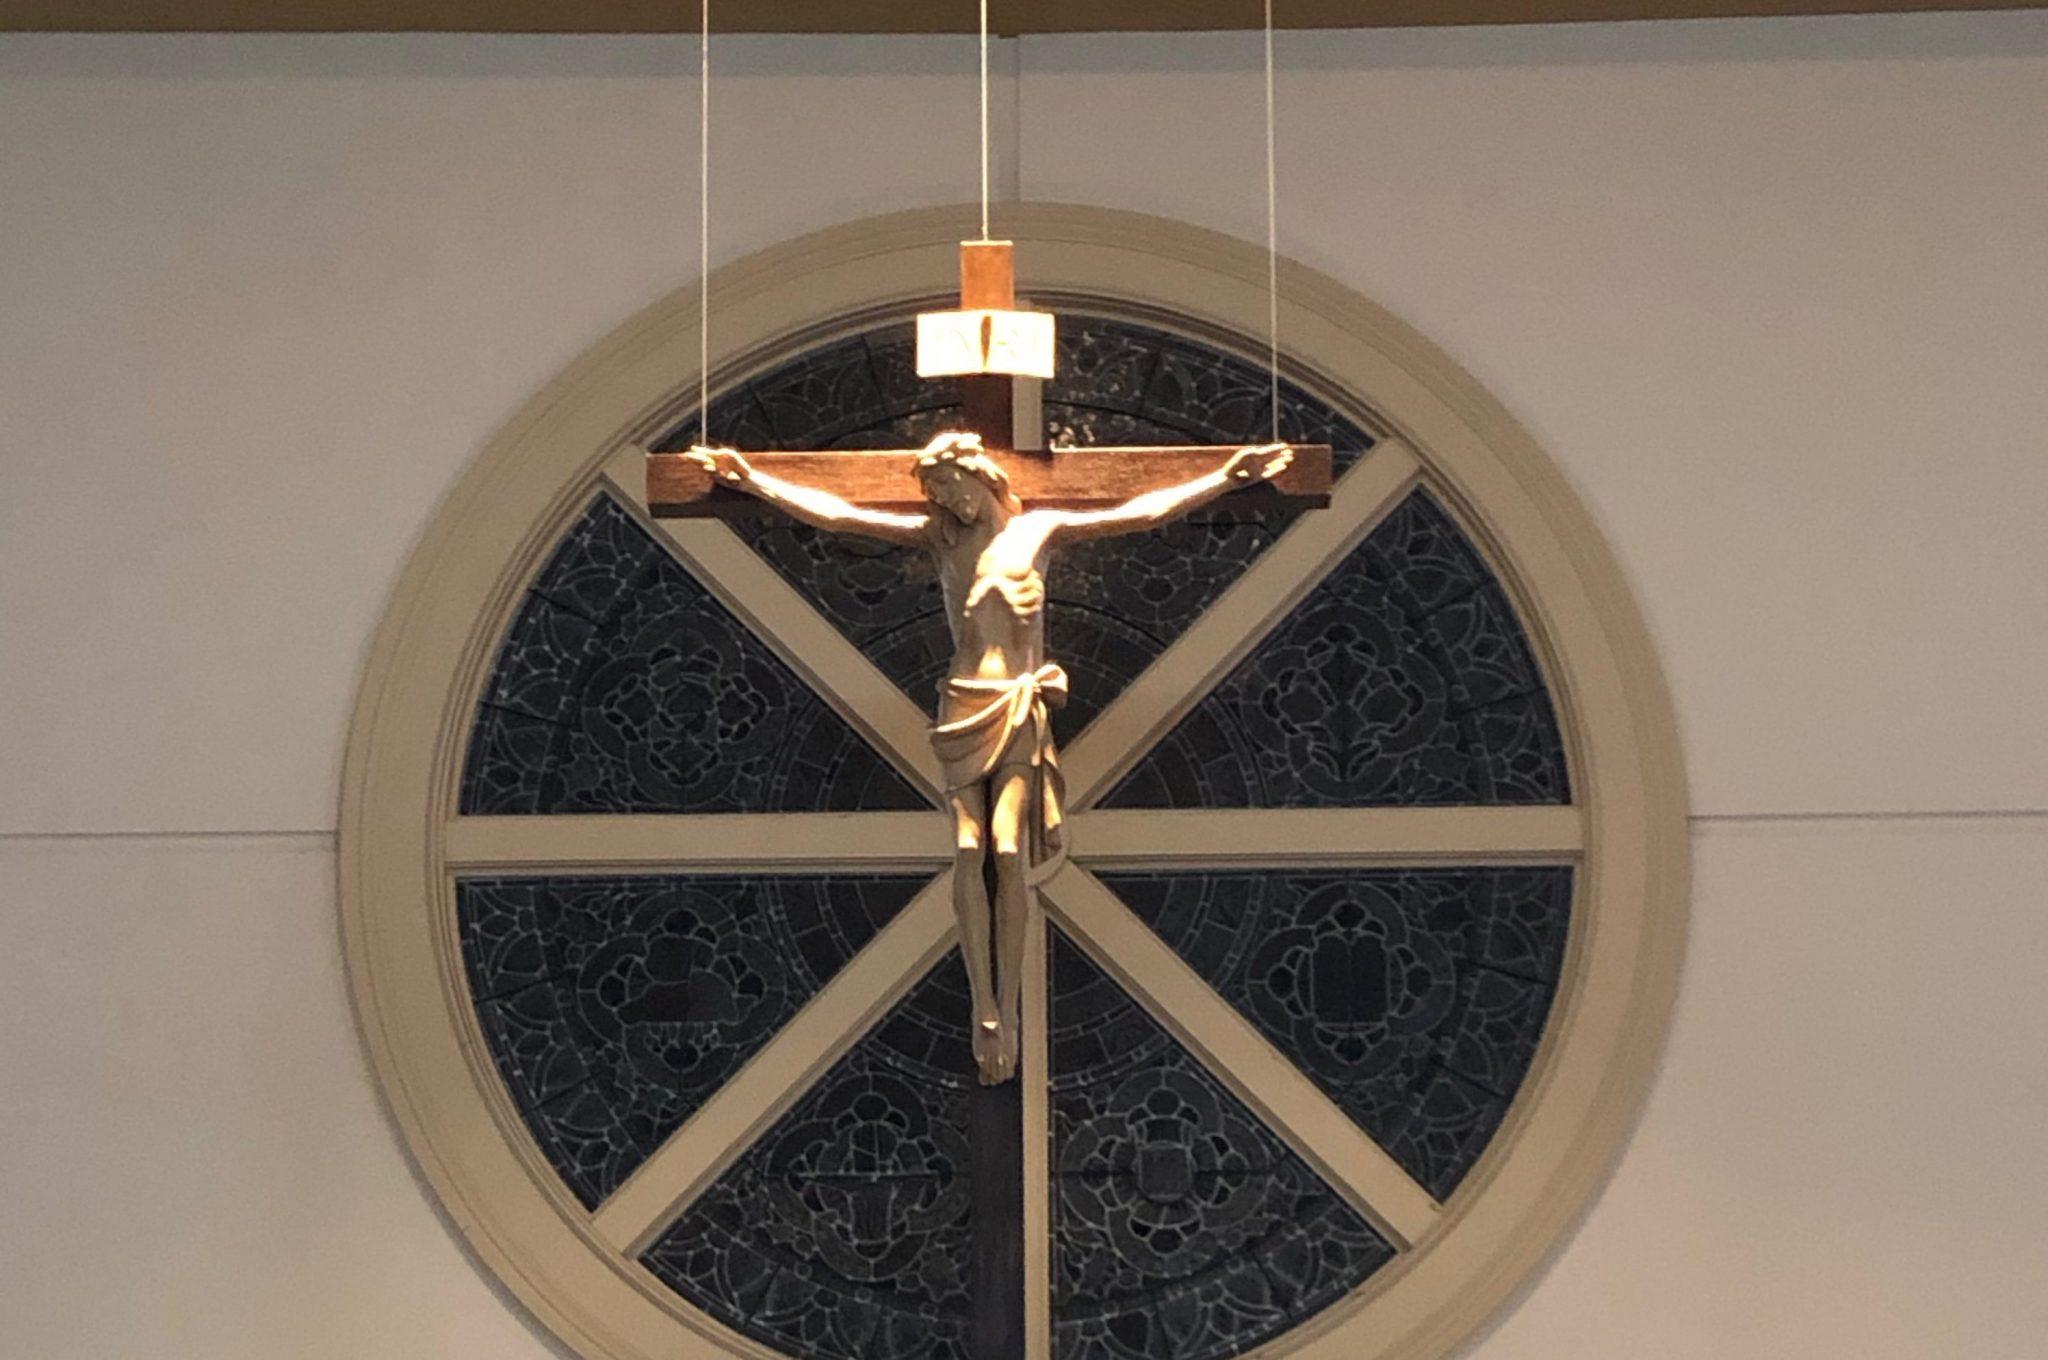 St  Ignatius of Loyola Church – Cincinnati, Ohio